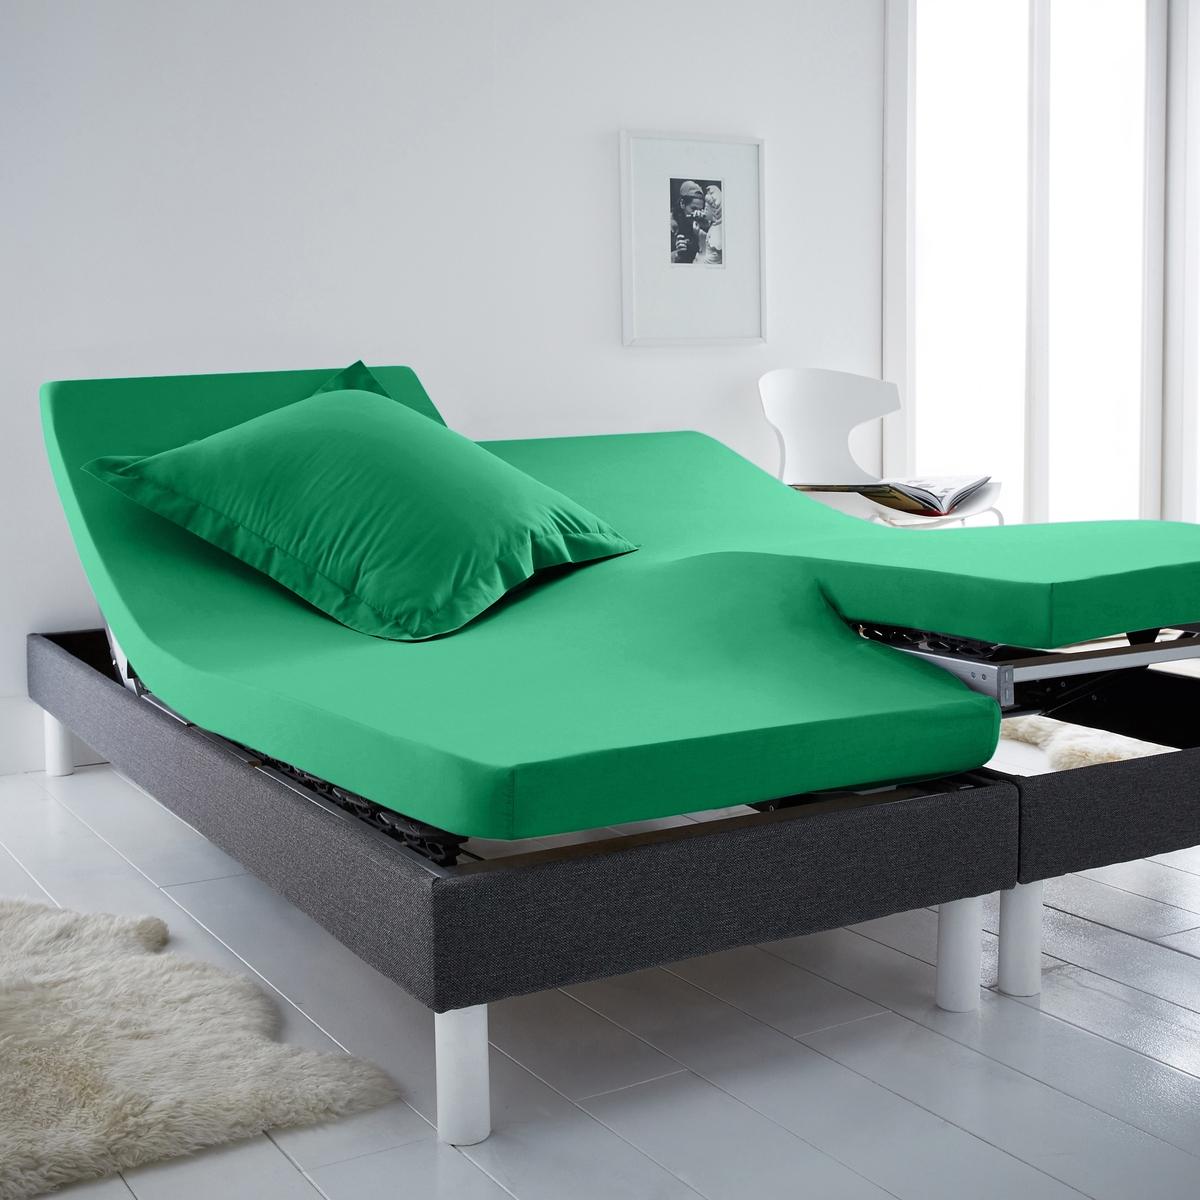 Простыня натяжная для раздельных матрасовНатяжная простыня для 2-спальной кровати с матрасами с независимыми частями для головы и ног. Для общего комфорта натяжная простыня соединяется в центре без швов.Характеристики натяжной простыни из хлопка для раздельных матрасов :100% хлопок, очень мягкий и комфортный, плотное переплетение нитей, 57 нитей/см? : чем больше количество нитей/см?, тем выше качество.Клапан 25 см (для матрасов шириной до 23 см).Отличная стойкость цвета при стирке при 60 °С.Созданная для матрасов с возможностью поднимания частей для головы и ног, эта натяжная простыня Sc?nario из хлопка отличается оригинальной гаммой очень модных цветов.                                                 Откройте для себя всю коллекцию постельного белья на сайте laredoute.ru.                                                                                                                                                                  Знак Oeko-Tex® гарантирует, что товары протестированы и сертифицированы, не содержат вредных веществ, которые могли бы нанести вред здоровью.                                                                                                                                                                                                                                            Размеры: ??140 x 190 см : 2-спальн.?160 x 200 см: 2-спальн.180 x 200 см: ?2-спальн.<br><br>Цвет: зелено-синий,изумрудный